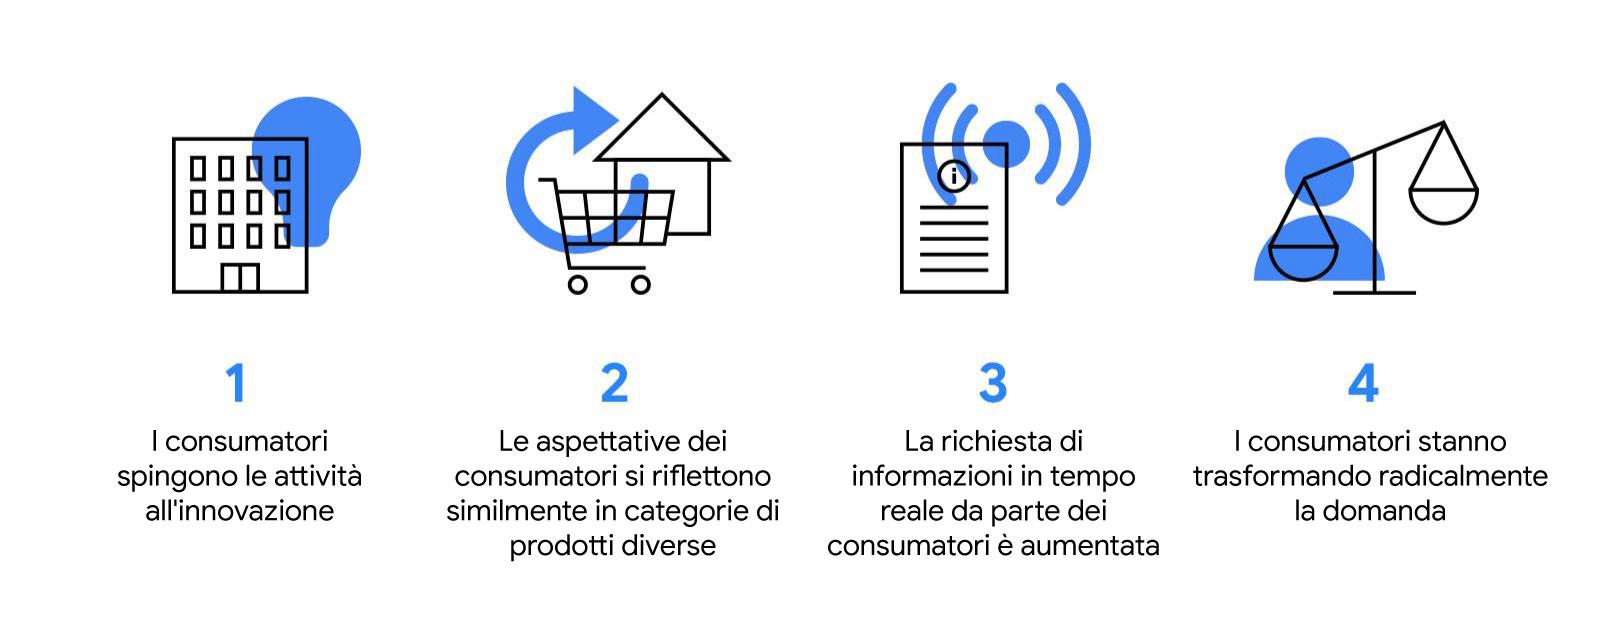 Insight di Google Trends sulle ricerche: 4 cambiamenti di comportamento che hanno trasformato il retail